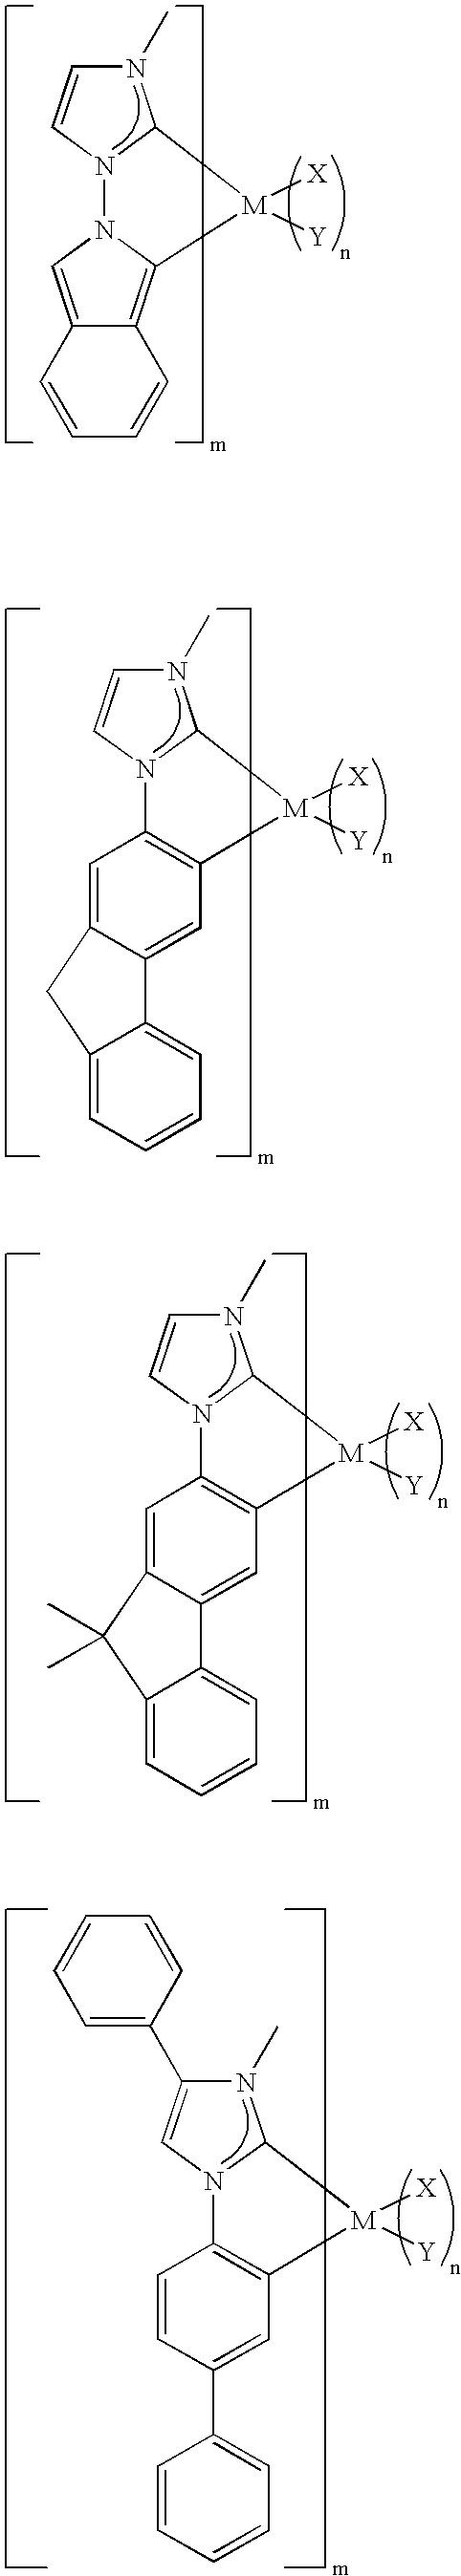 Figure US07445855-20081104-C00033